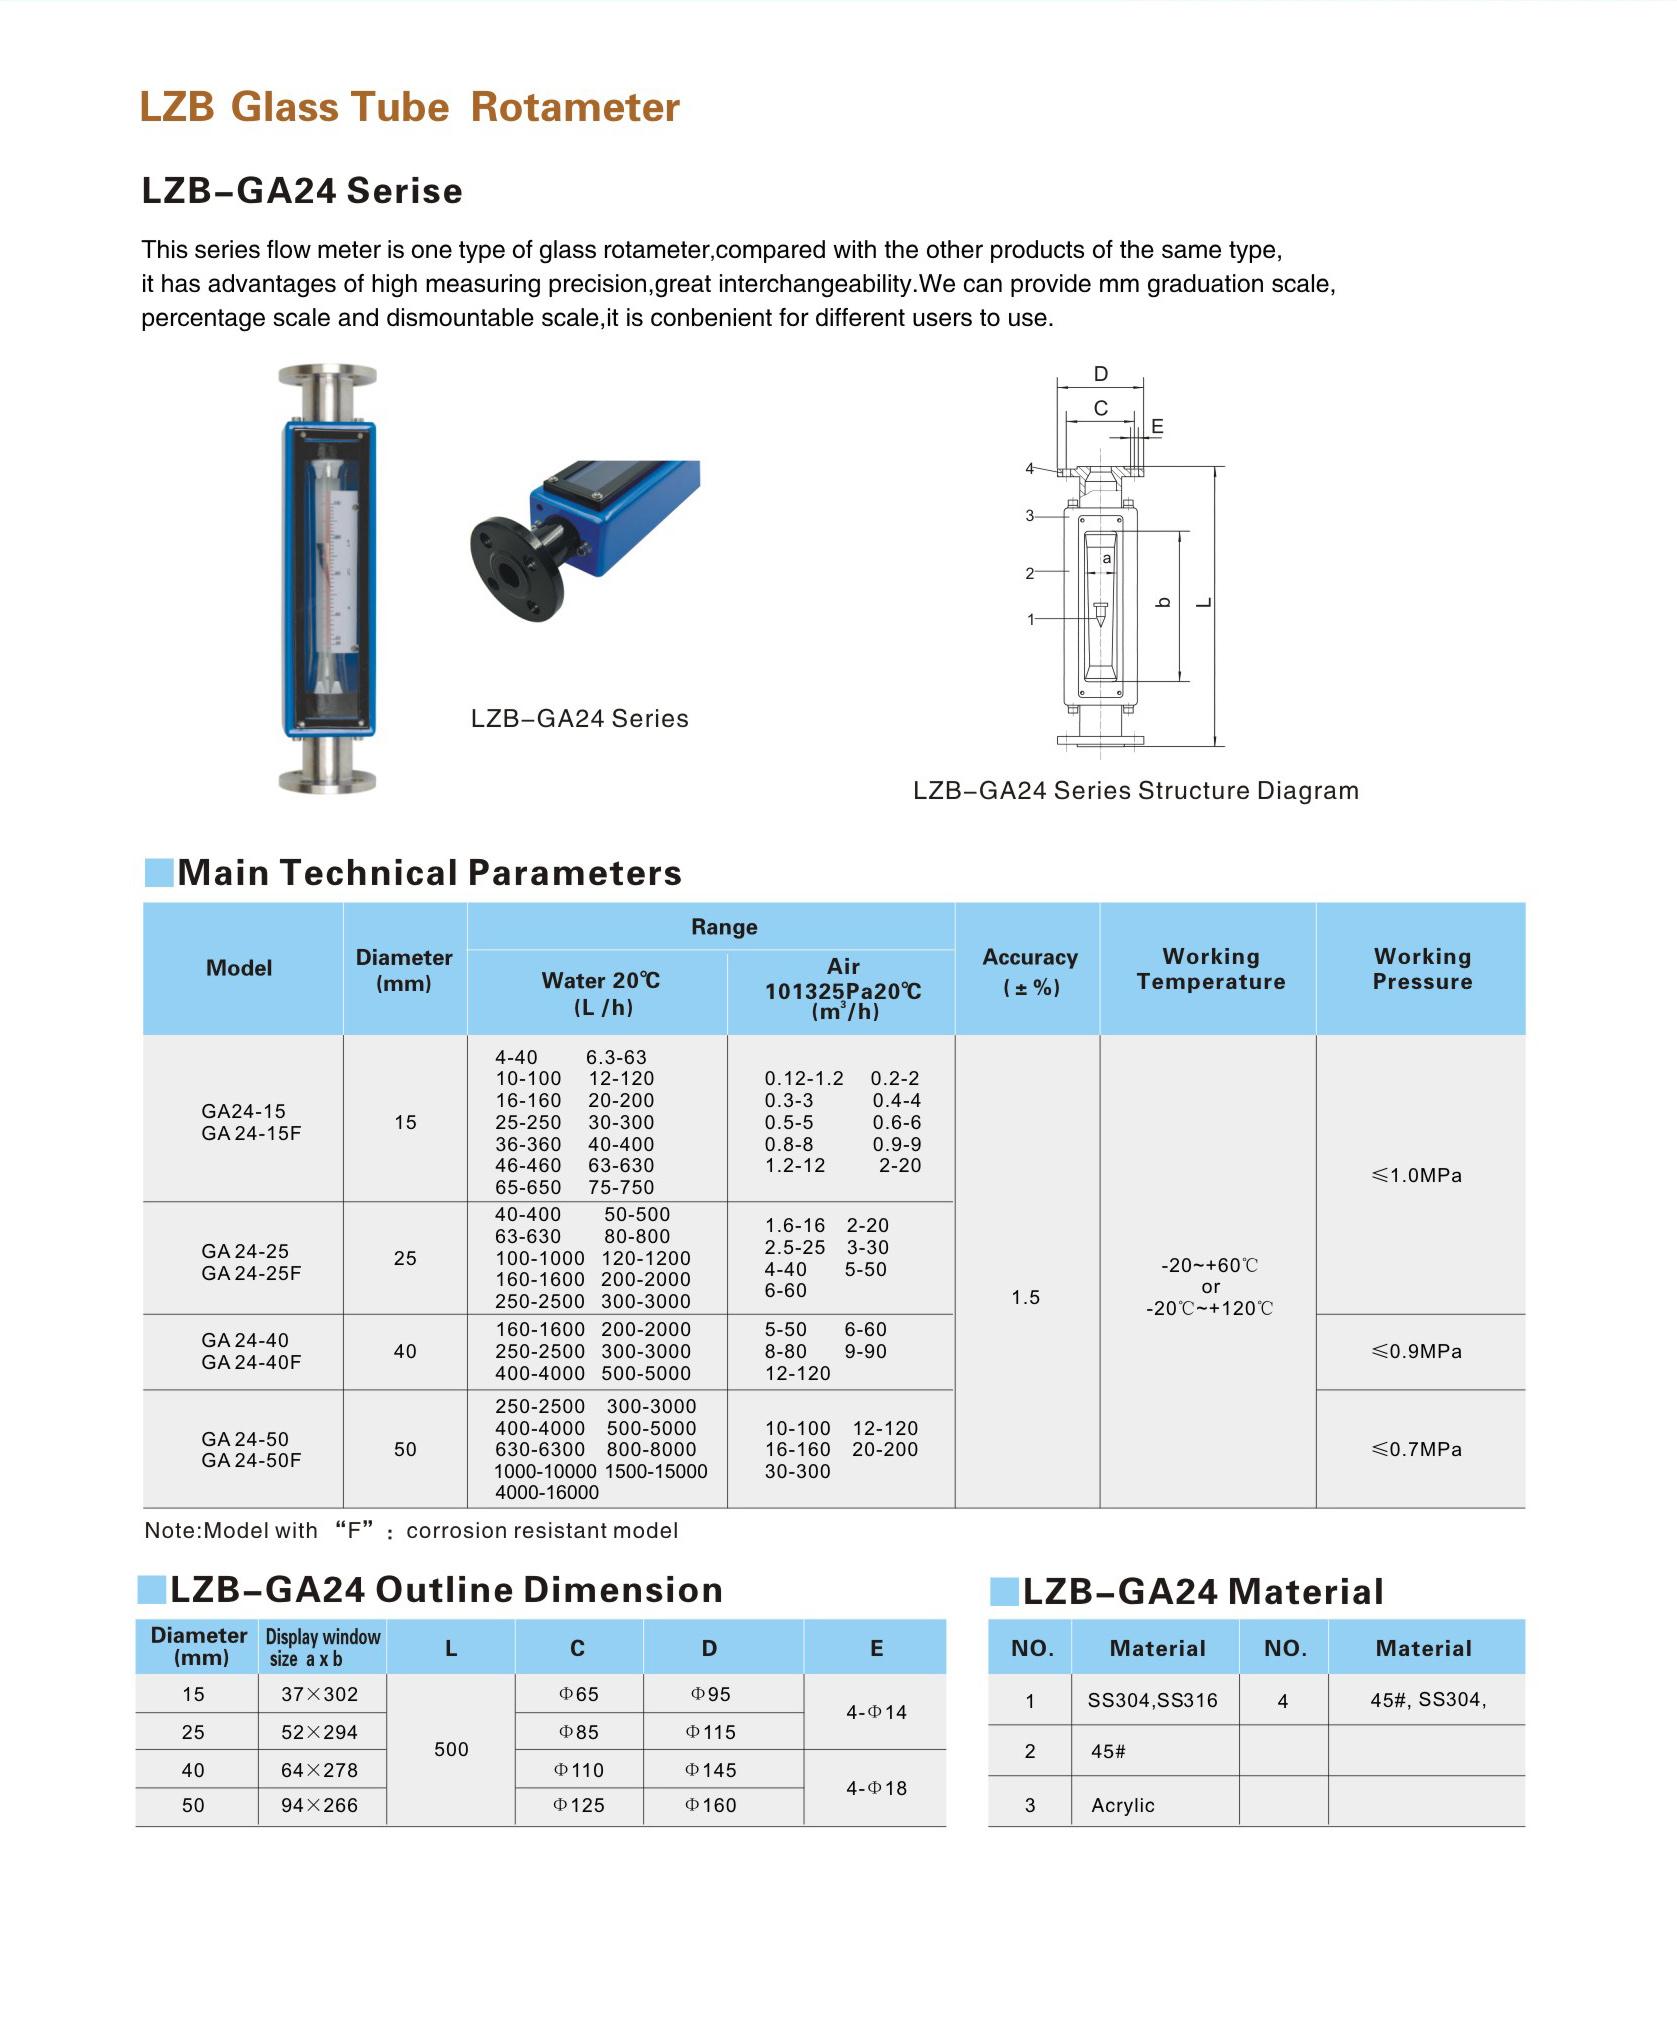 LZB-GA24 series